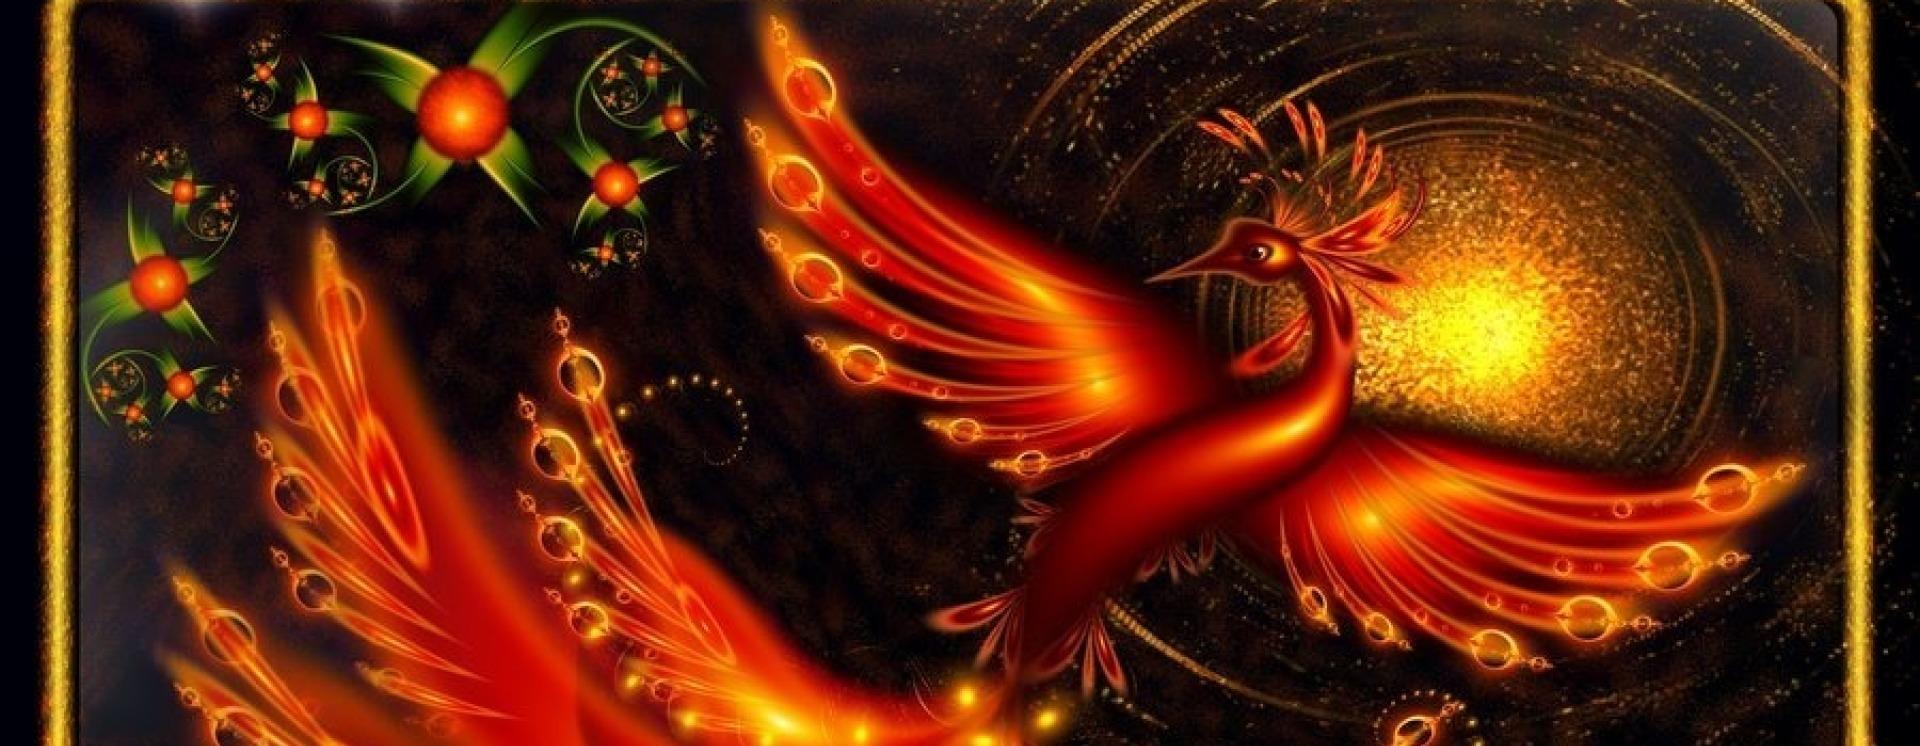 Firebird 6 copy